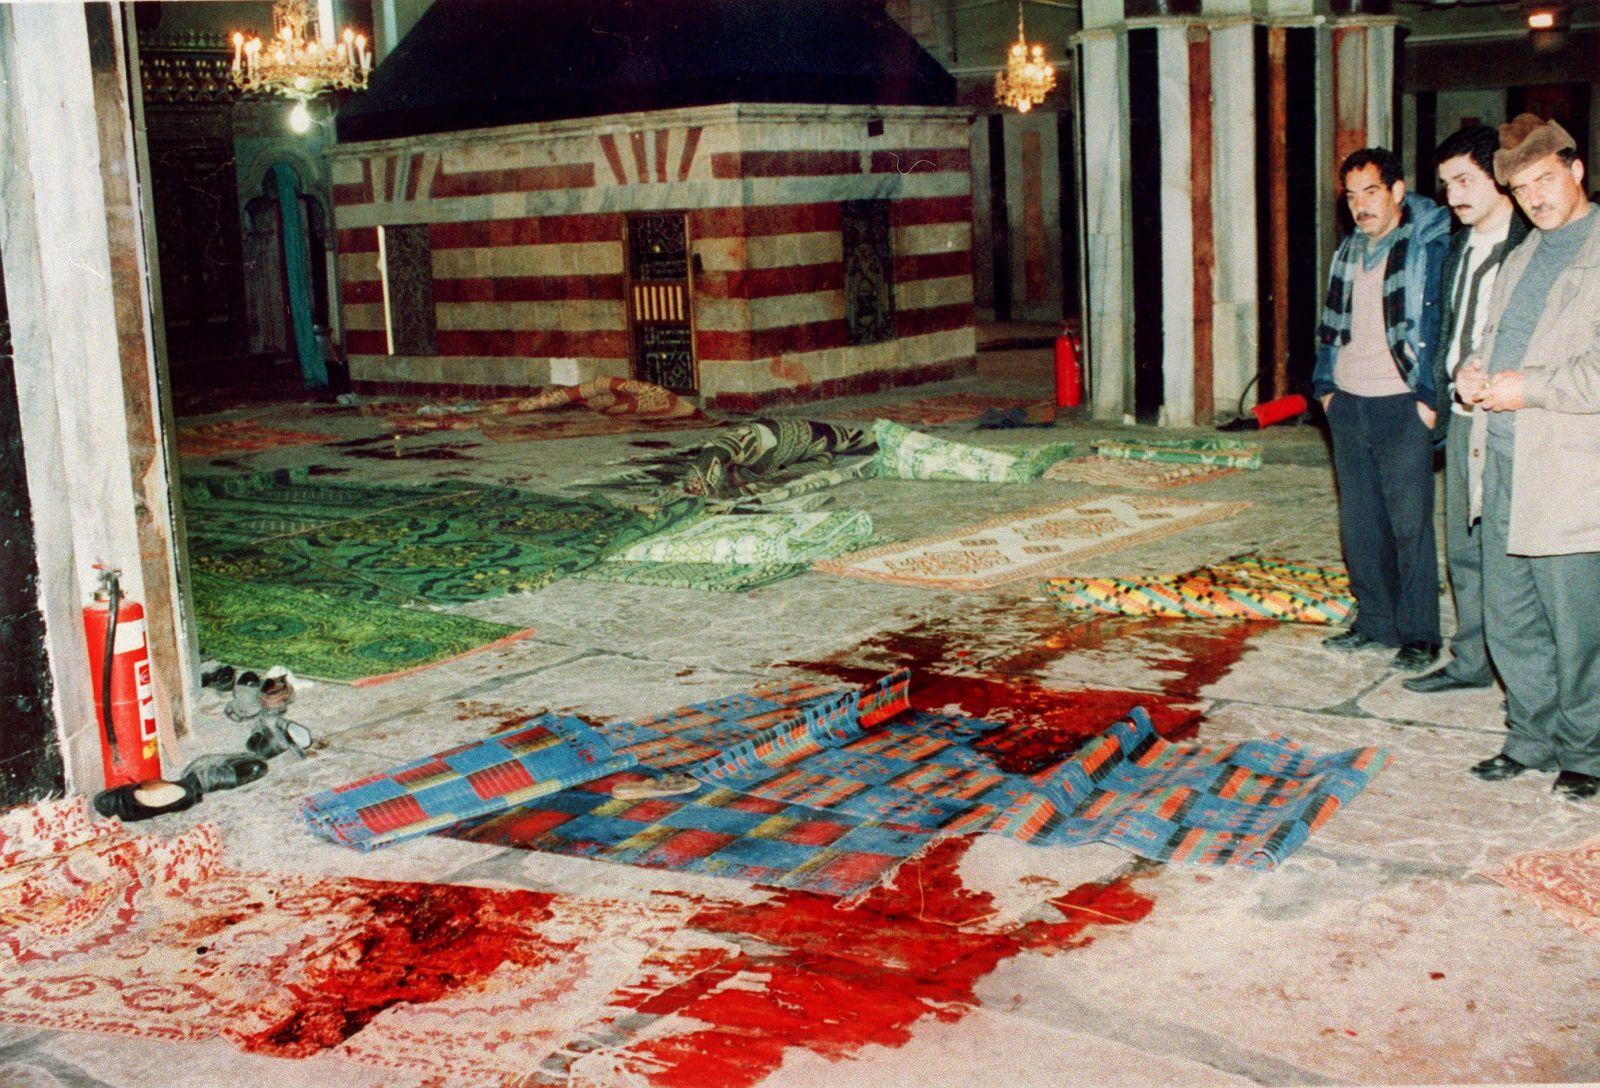 مسجد الحرم الإبراهيميّ بعد المجزرة - ساحة الجريمة النّكراء